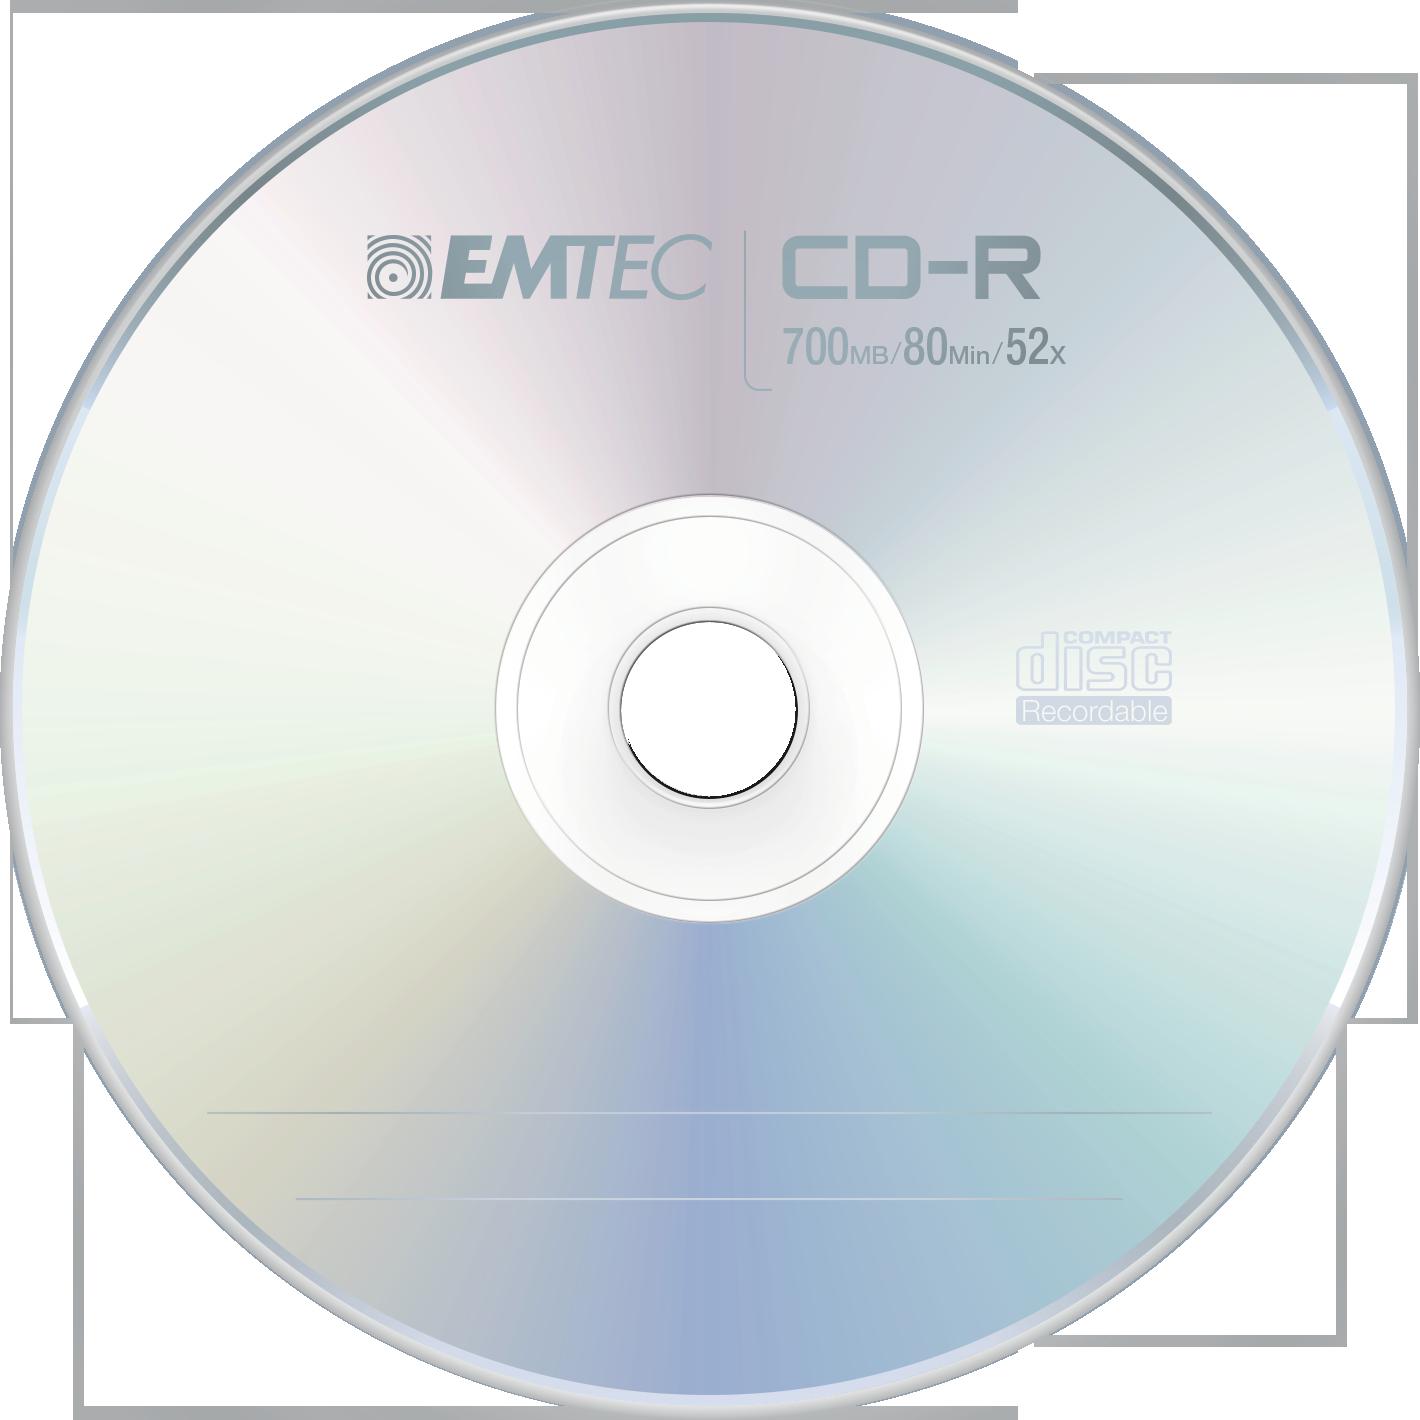 Pin On Cd Dvd